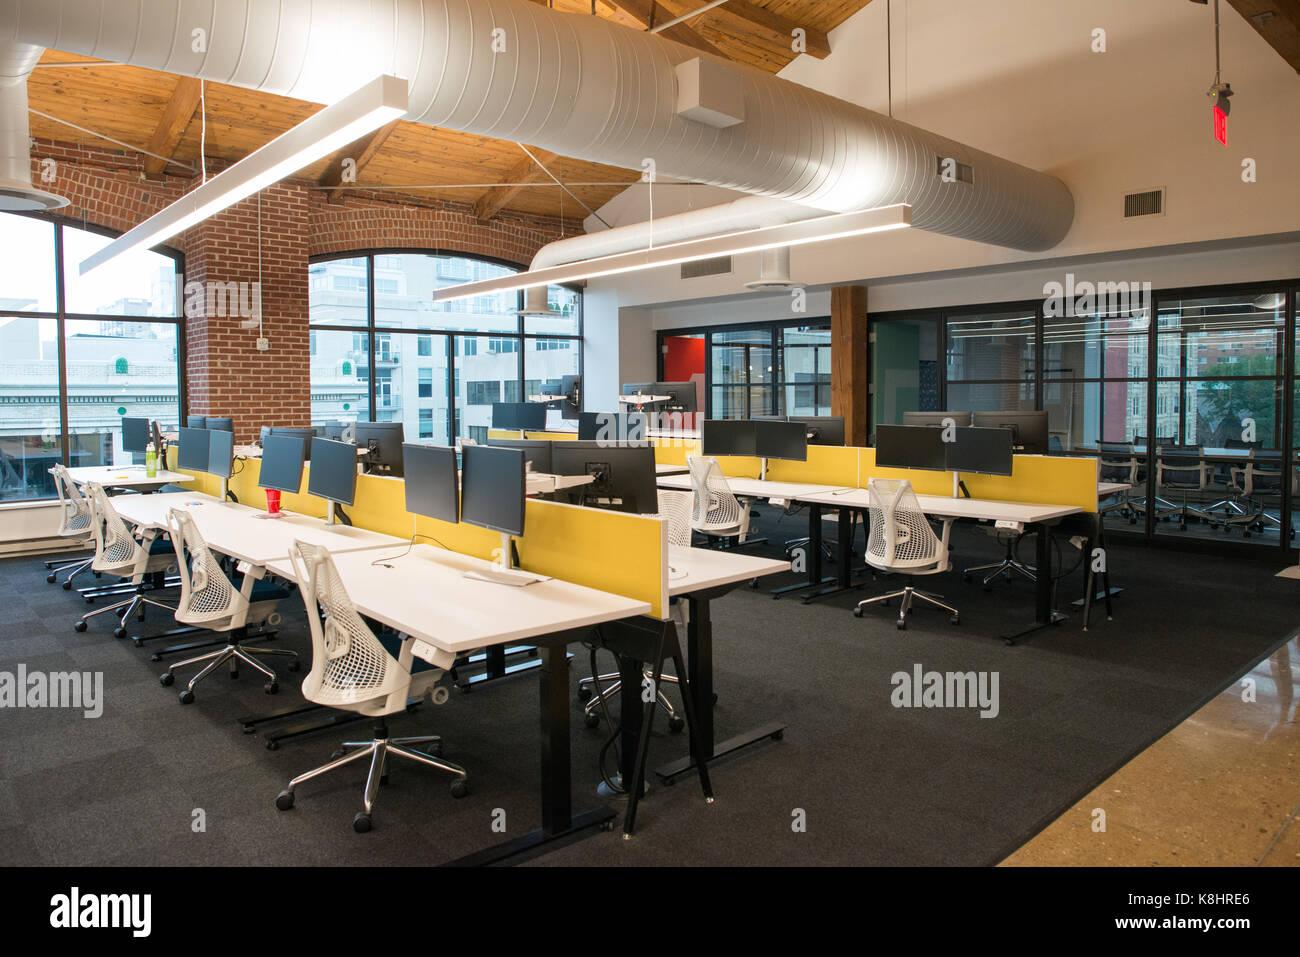 Concept ouvert, moderne, à la mode de l'espace bureau de style loft avec de grandes fenêtres, la lumière naturelle et une mise en page pour encourager la collaboration, la créativité et l'innovation Banque D'Images